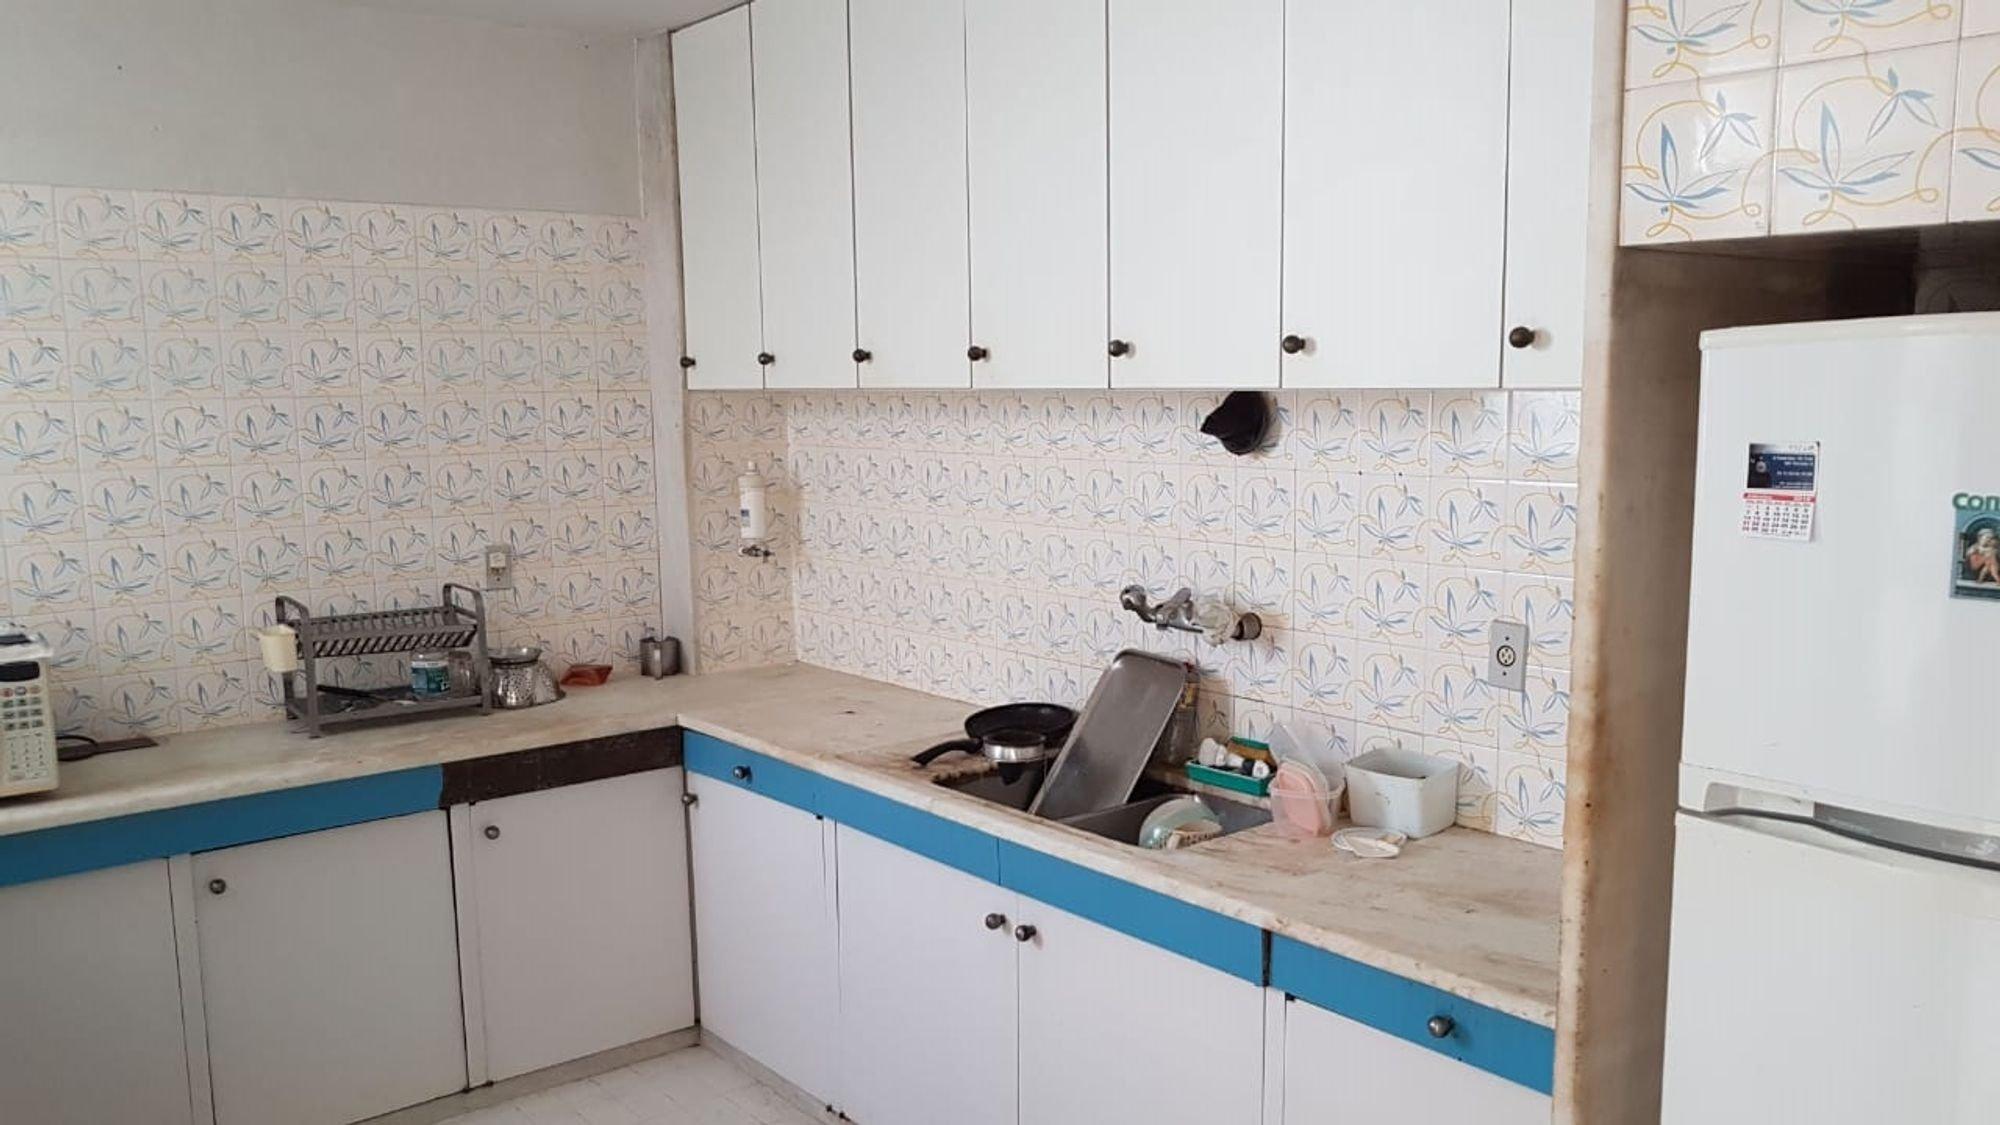 Foto de Cozinha com geladeira, microondas, xícara